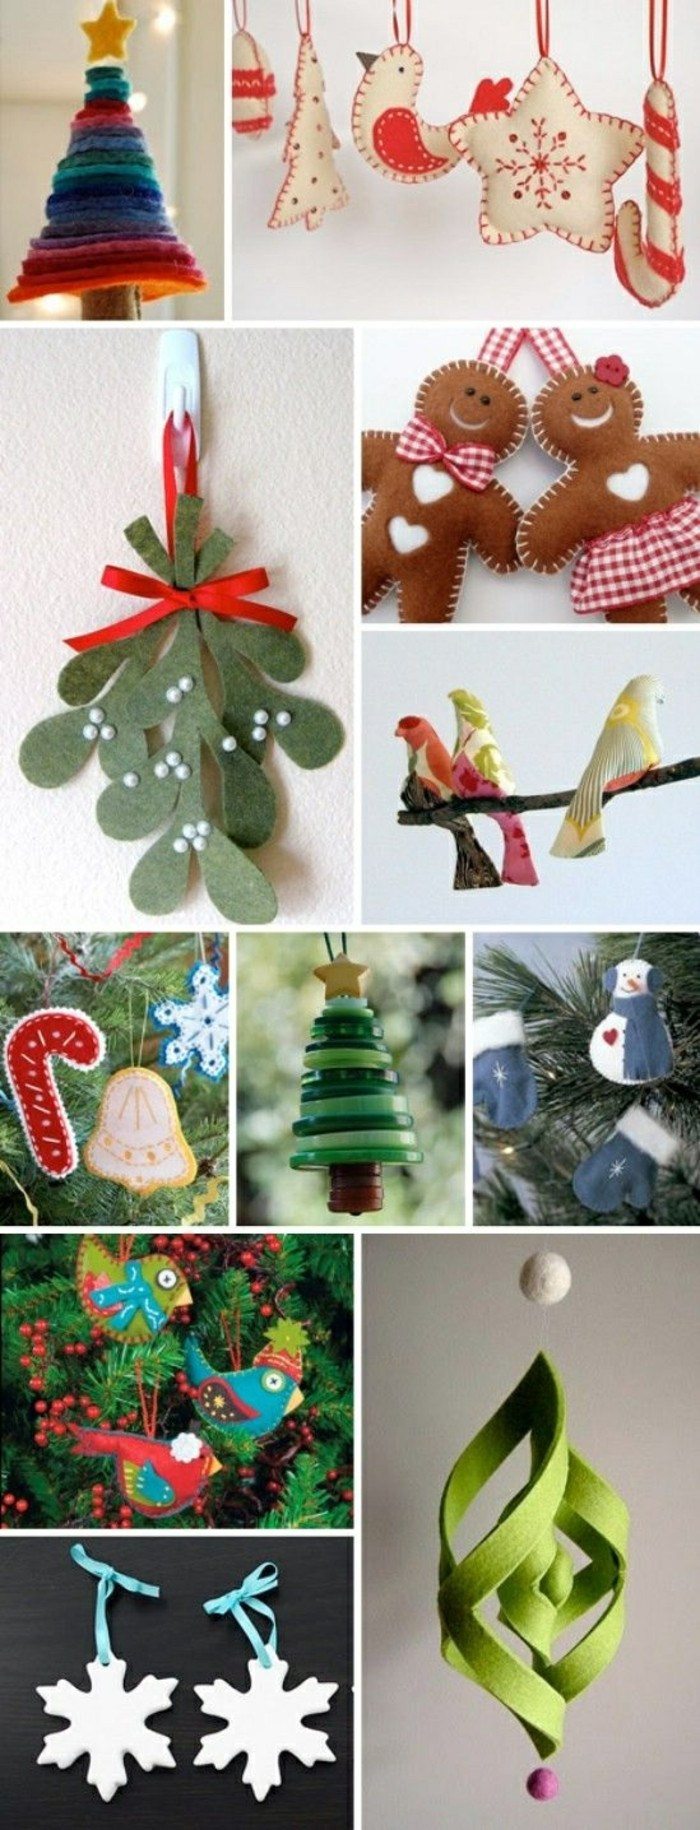 222-weihnachsschmuck-basteln-ideen-weihnachtsbaum-schmucken-diy-dekorationen